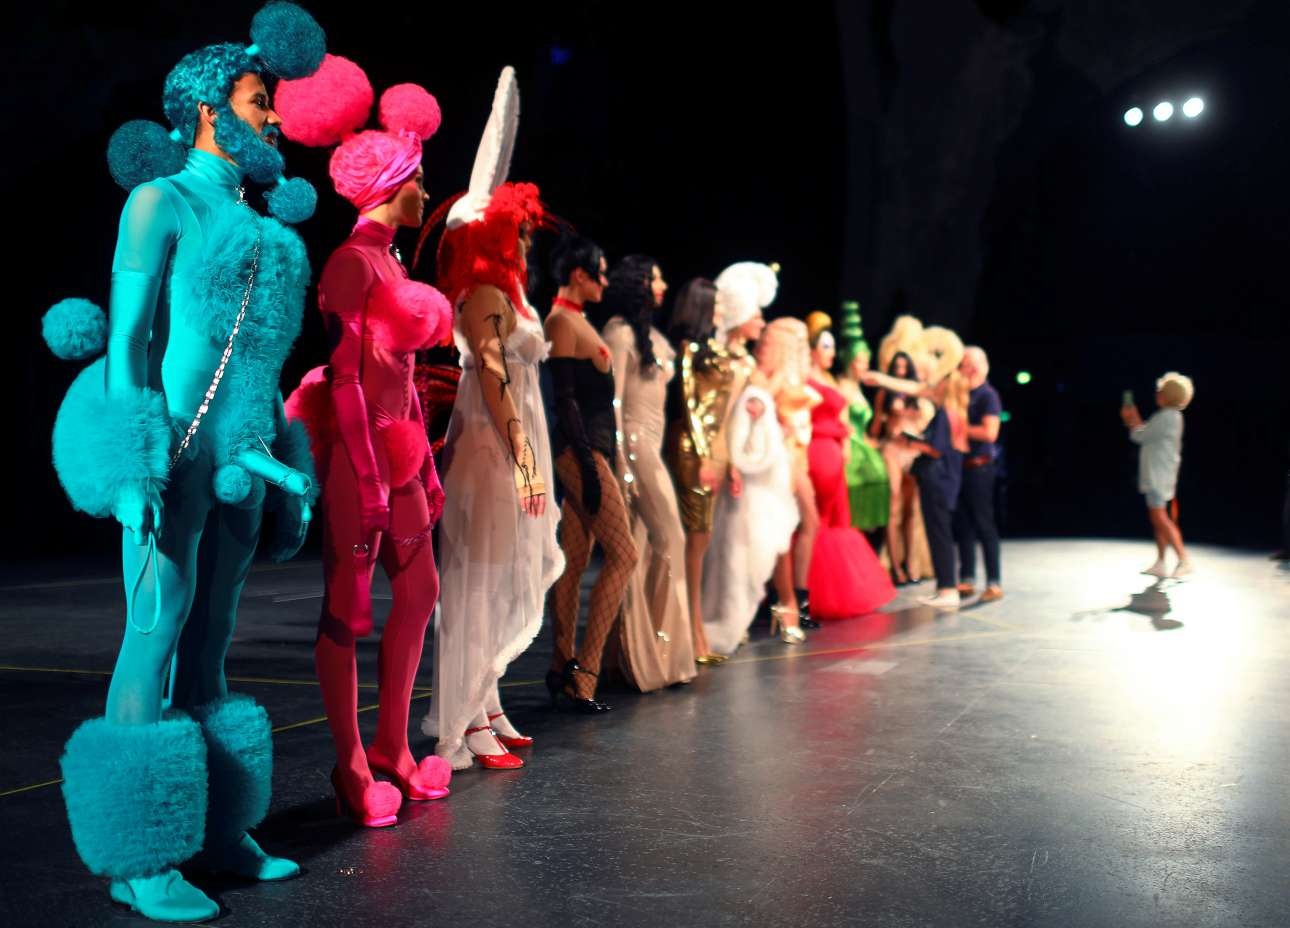 Η γερμανική παράσταση «THE ONE Grand Show» τα έχει όλα, από μεγαλοπρεπή κοστούμια μέχρι ποιητικές, σουρεαλιστικές θεατρικές στιγμές